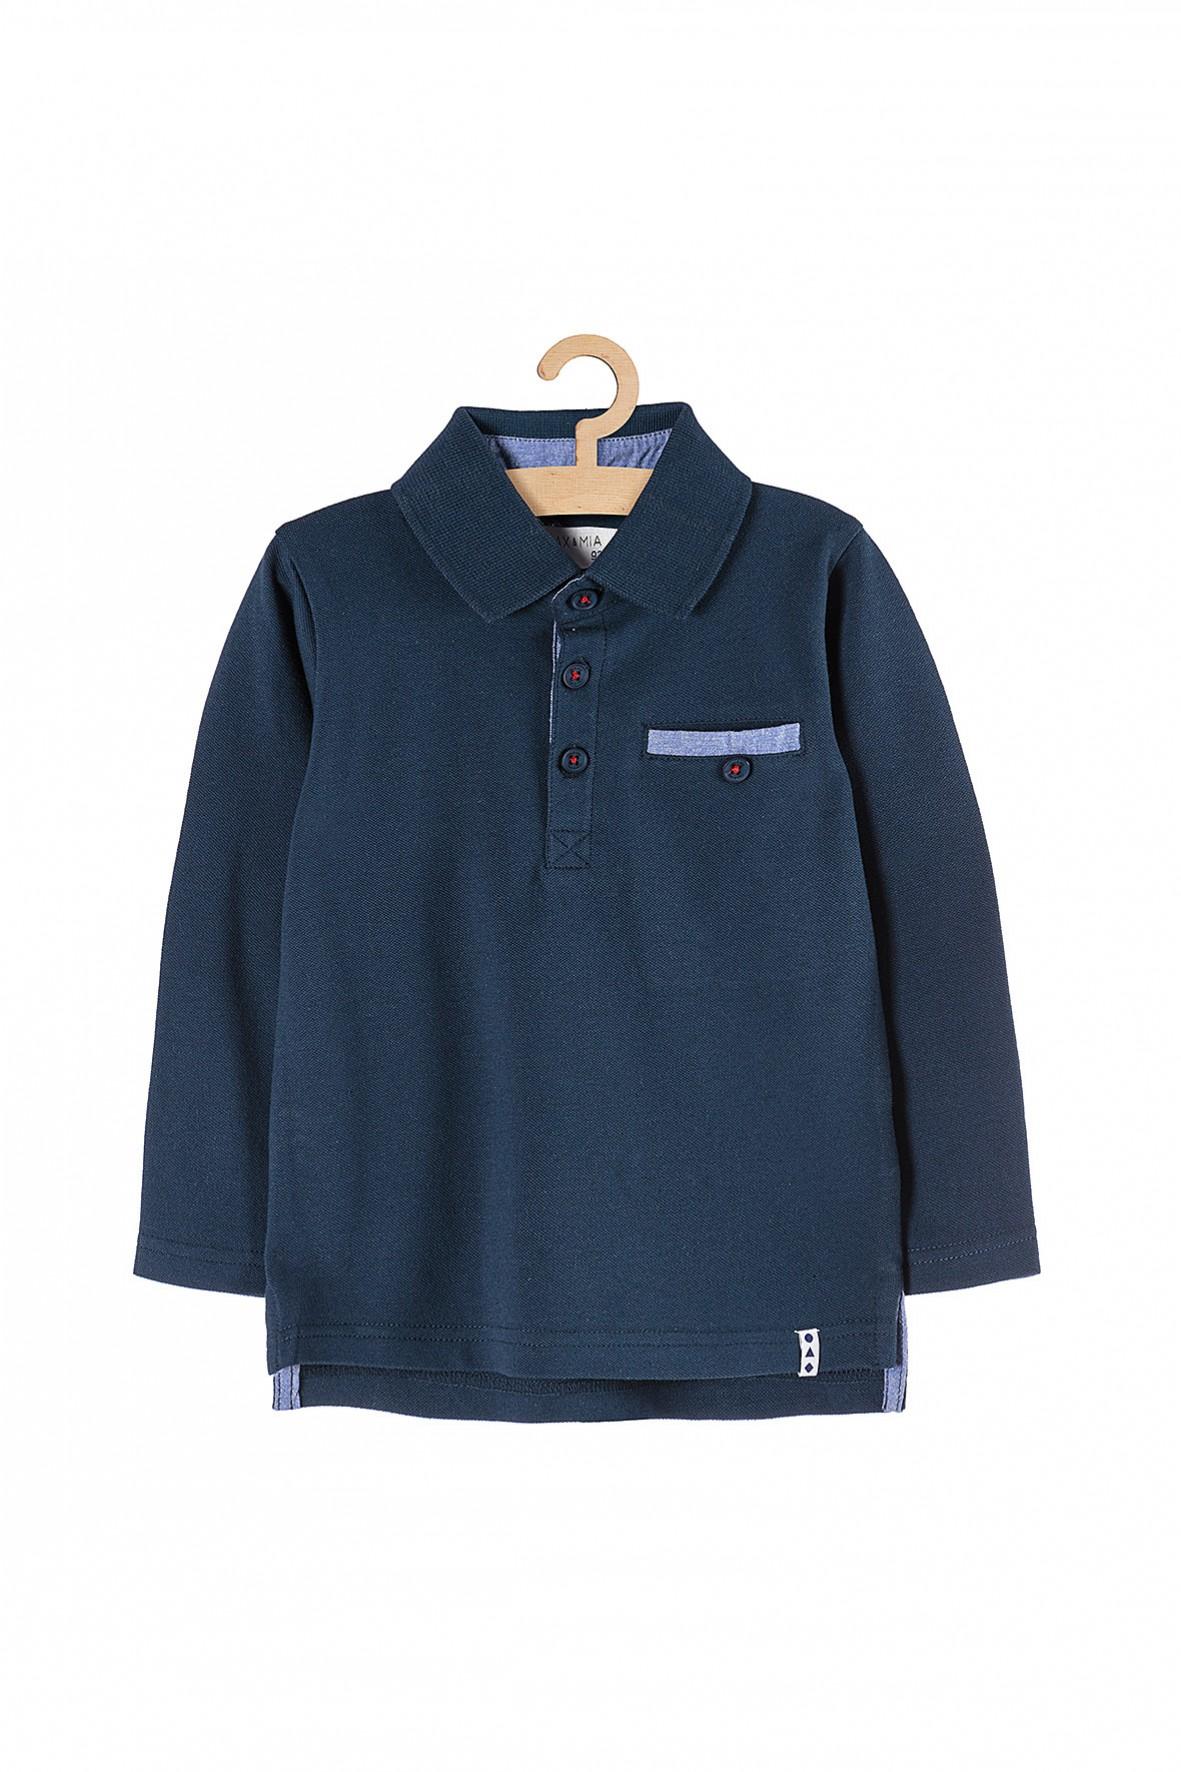 Granatowa bluzka z kołnierzykiem dla chłopca